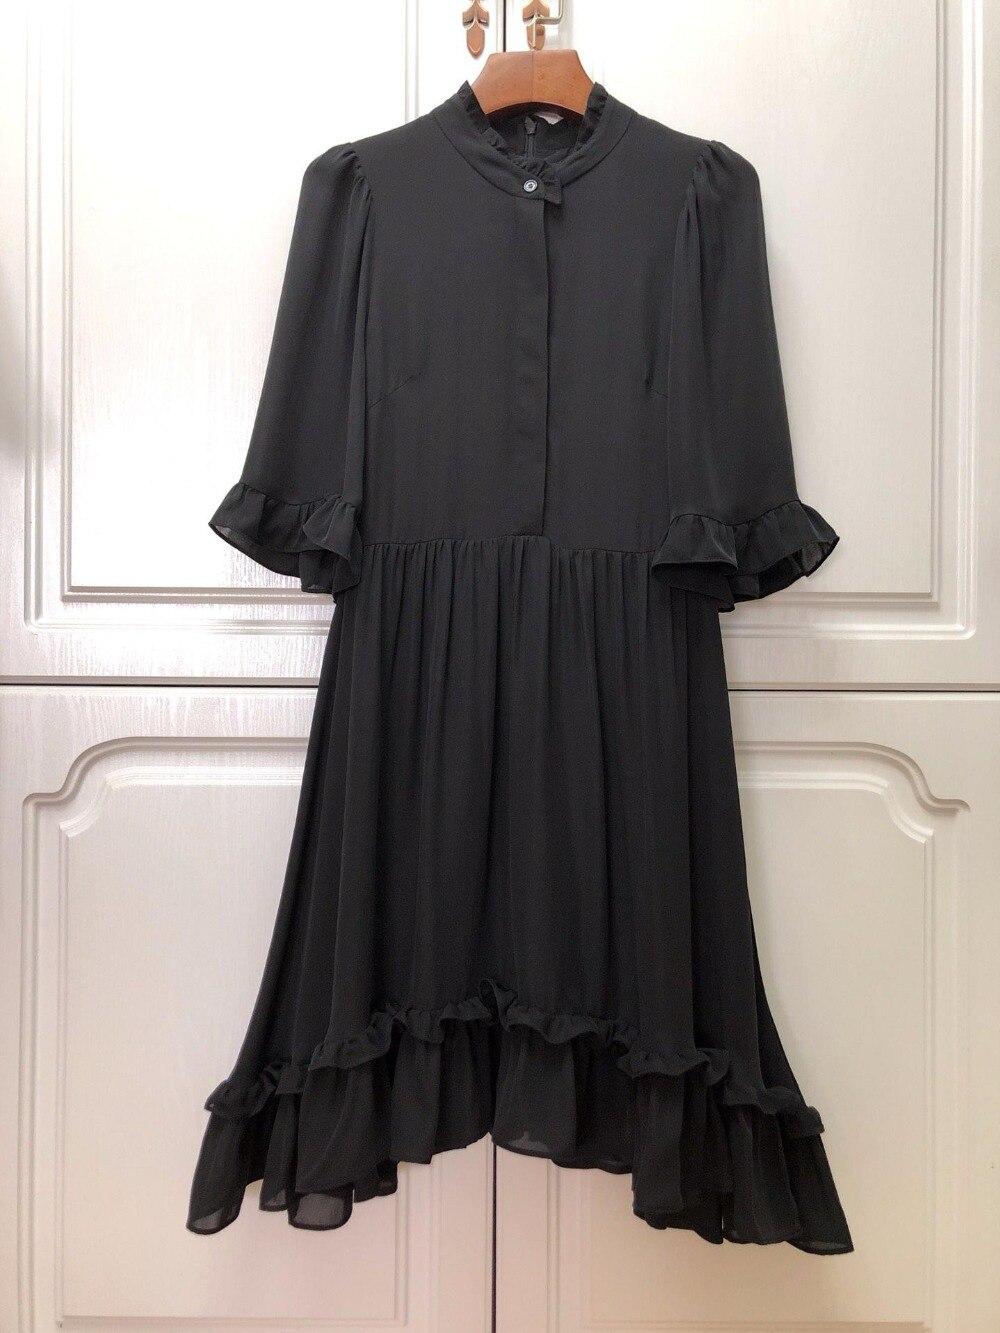 2019 spring new ladies high quality lotus leaf sleeve black elegant ladies dress 0316